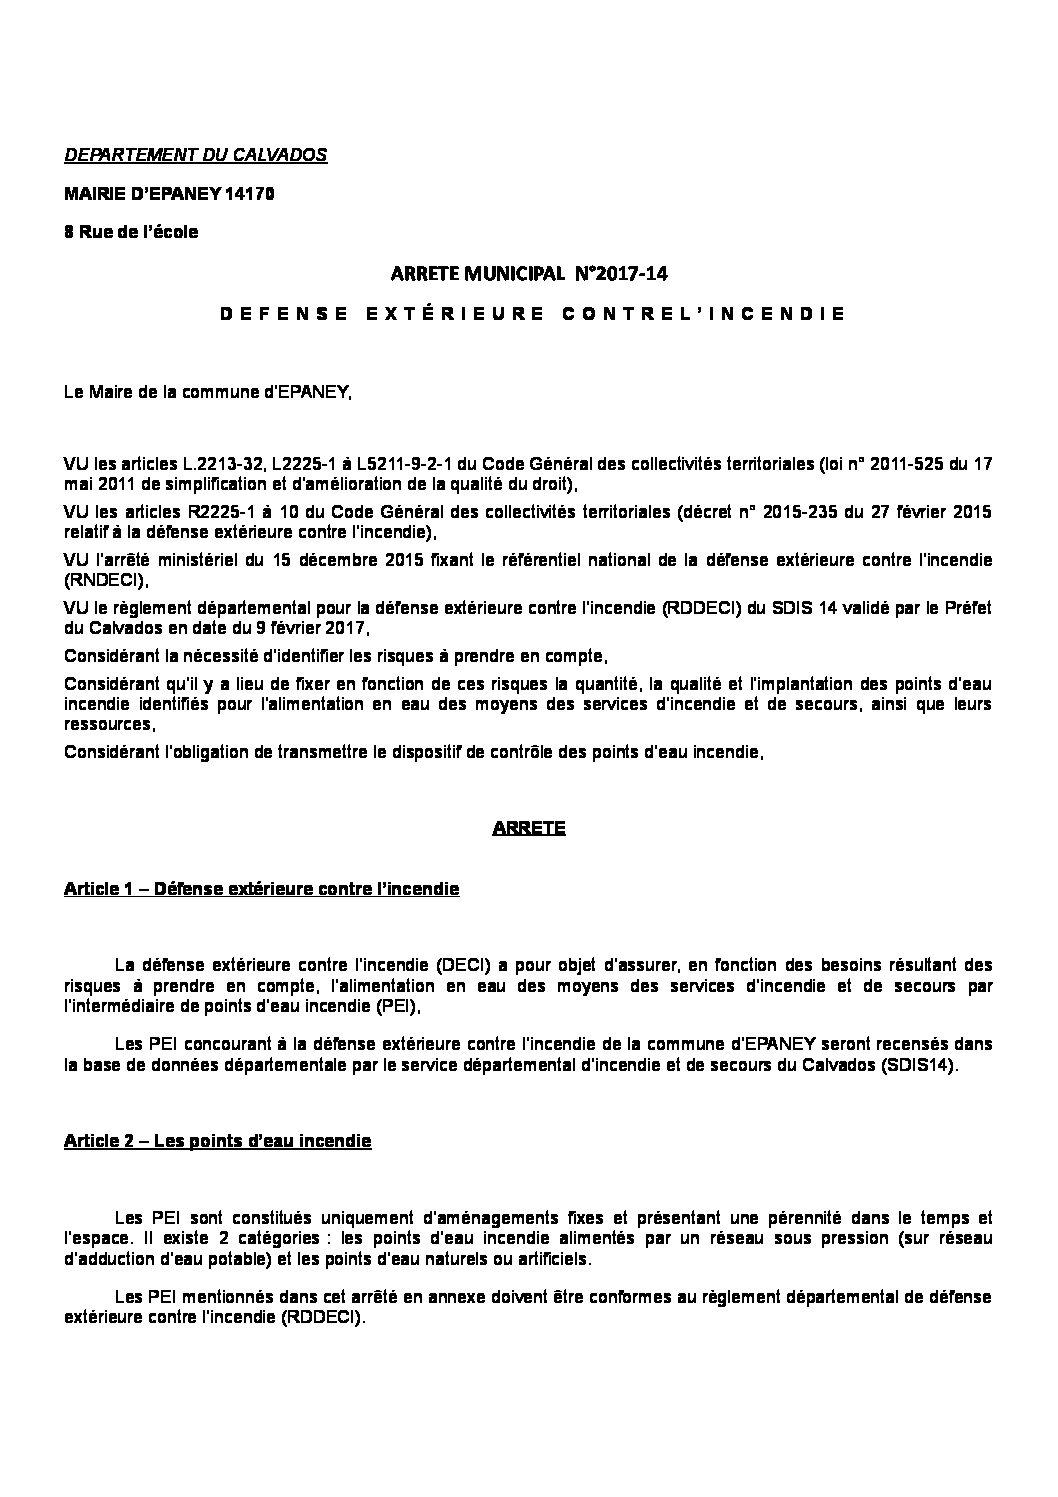 Arrêté Municipal N°2017-14  Défense Extérieure Contre l